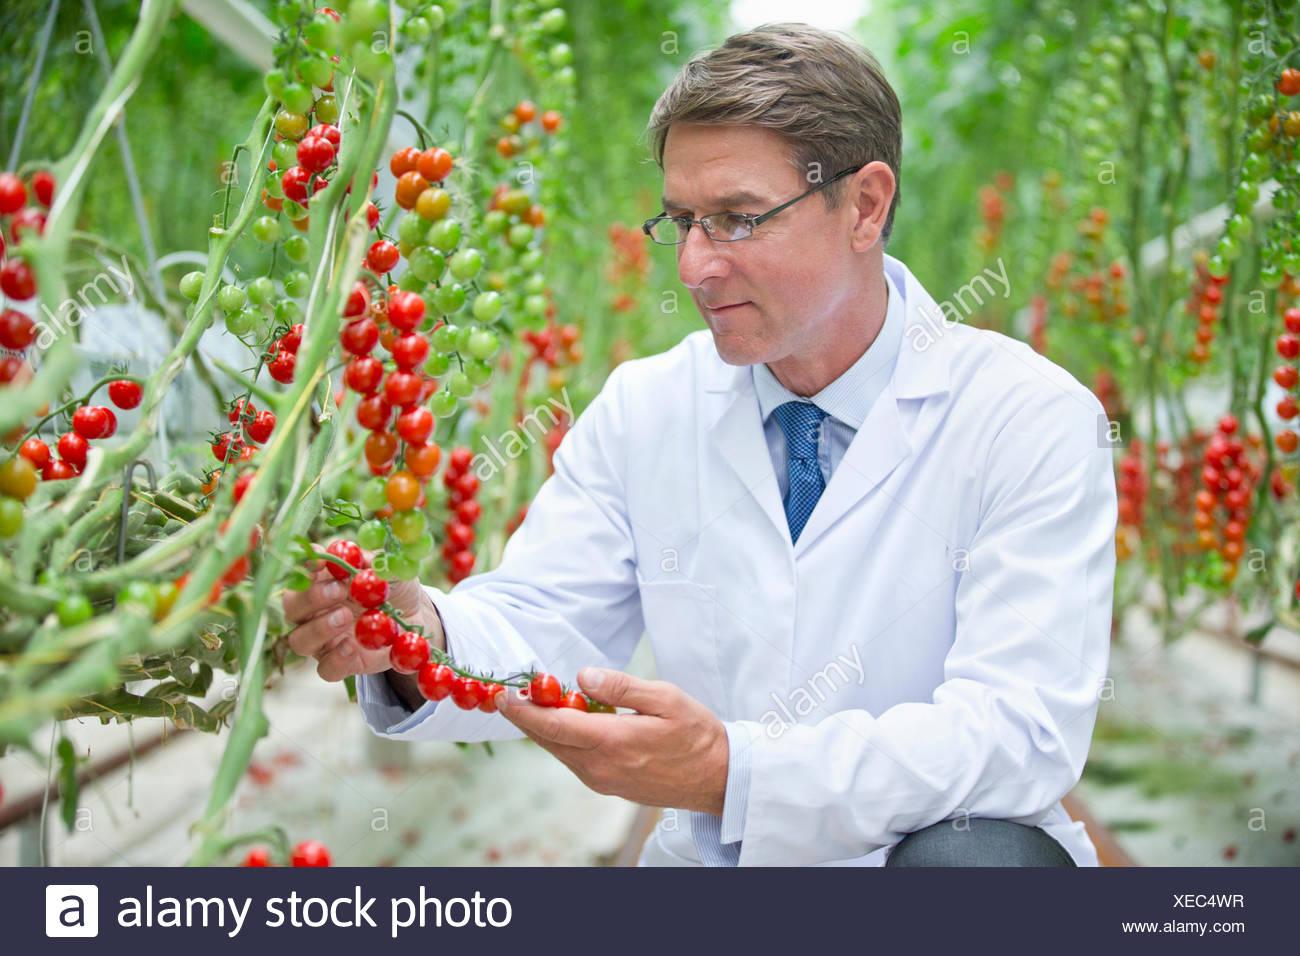 El examen científico de alimentos de plantas de tomate de vid roja madura Imagen De Stock